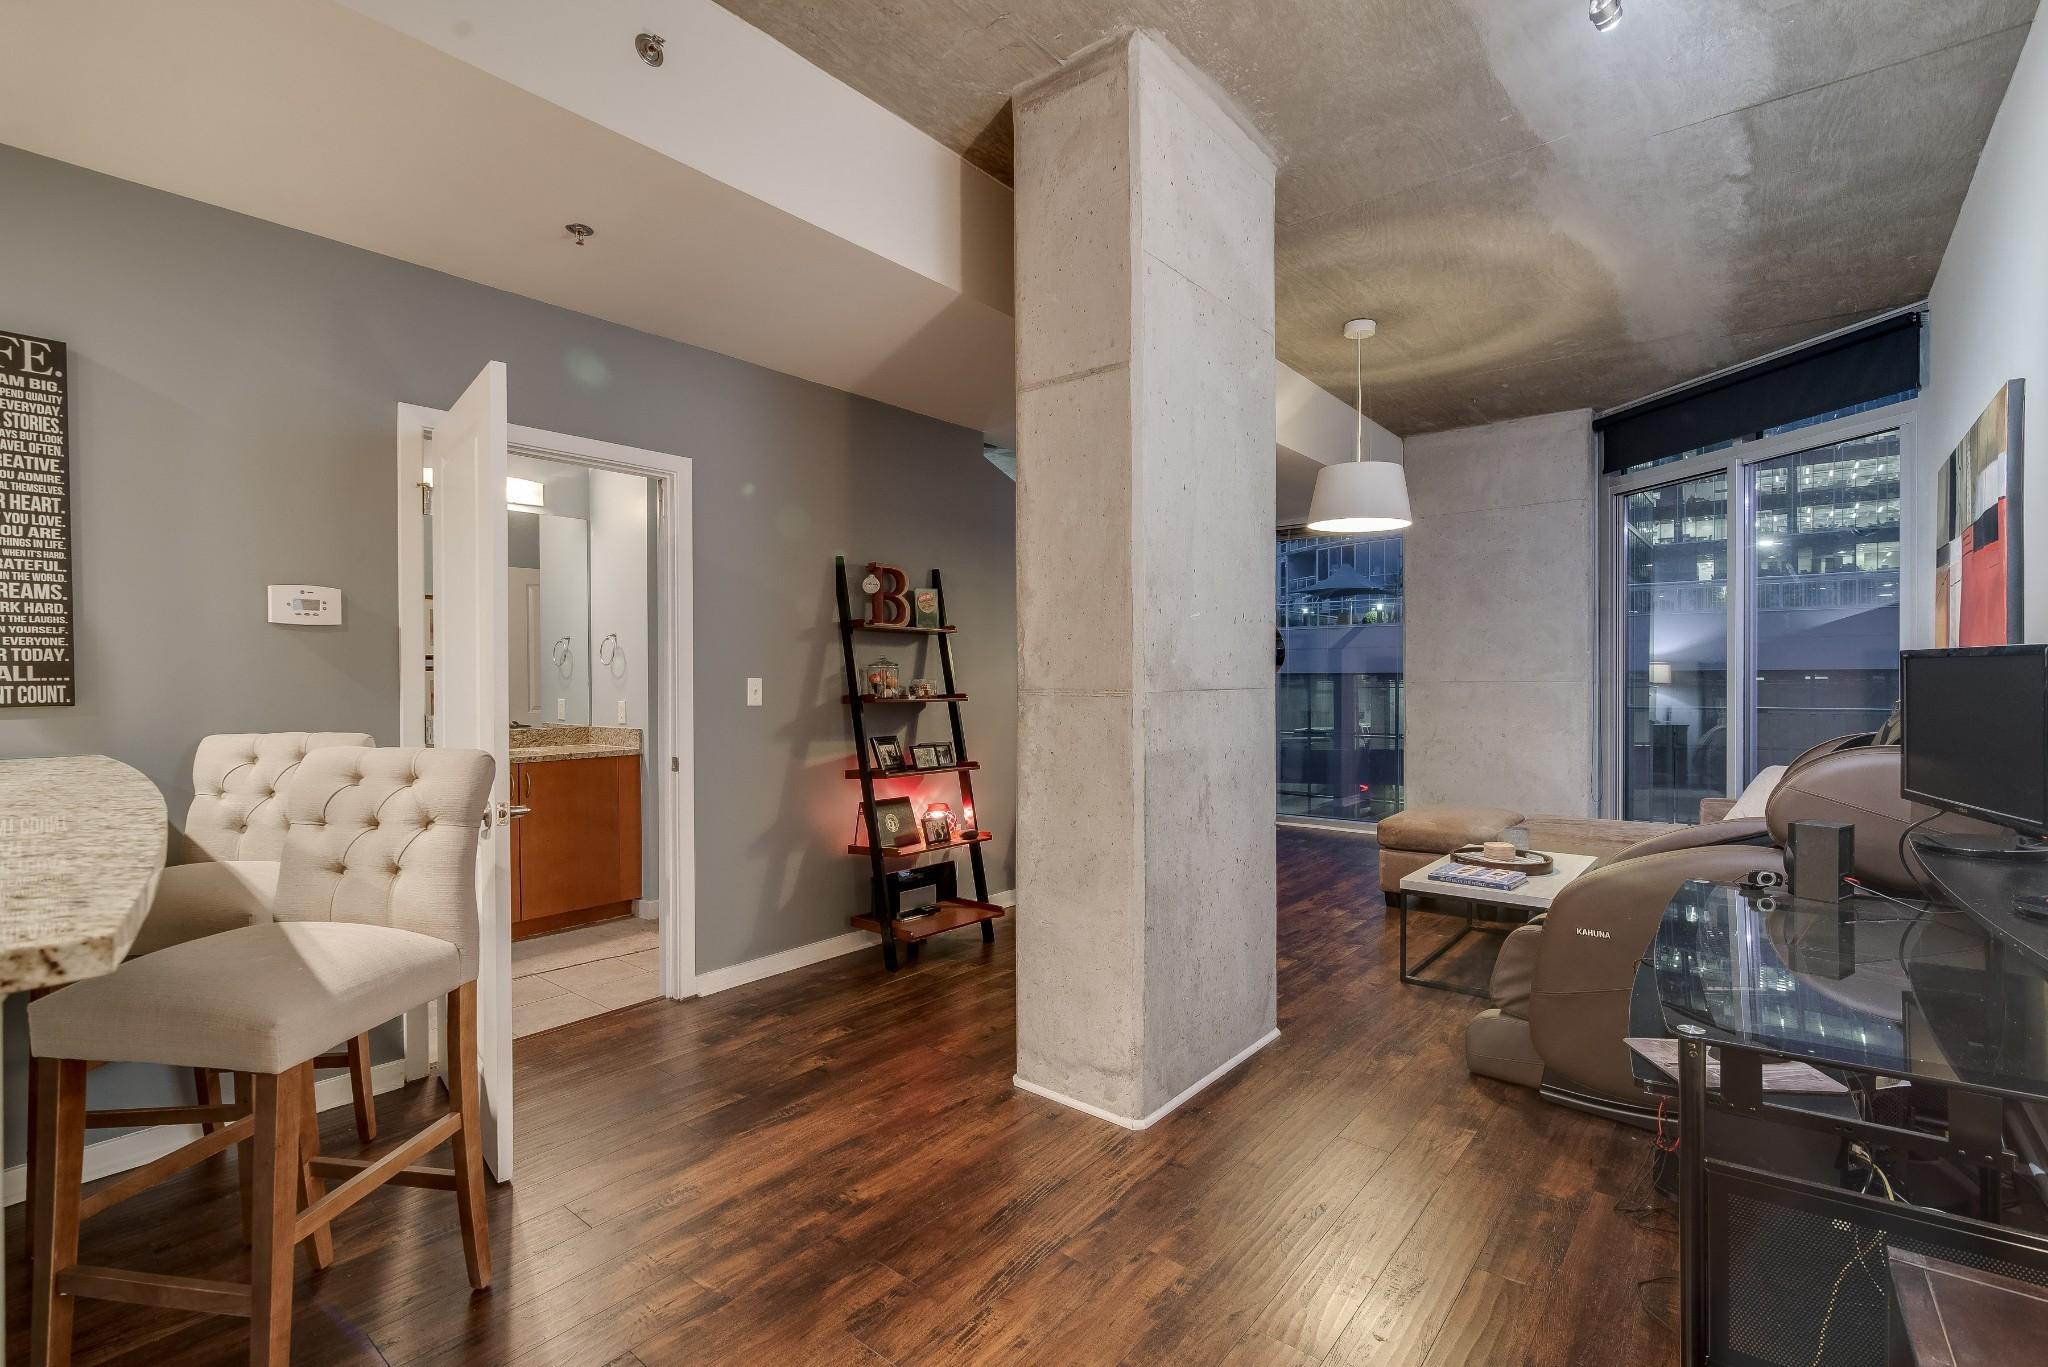 301 Demonbreun St, Unit 809 Property Photo